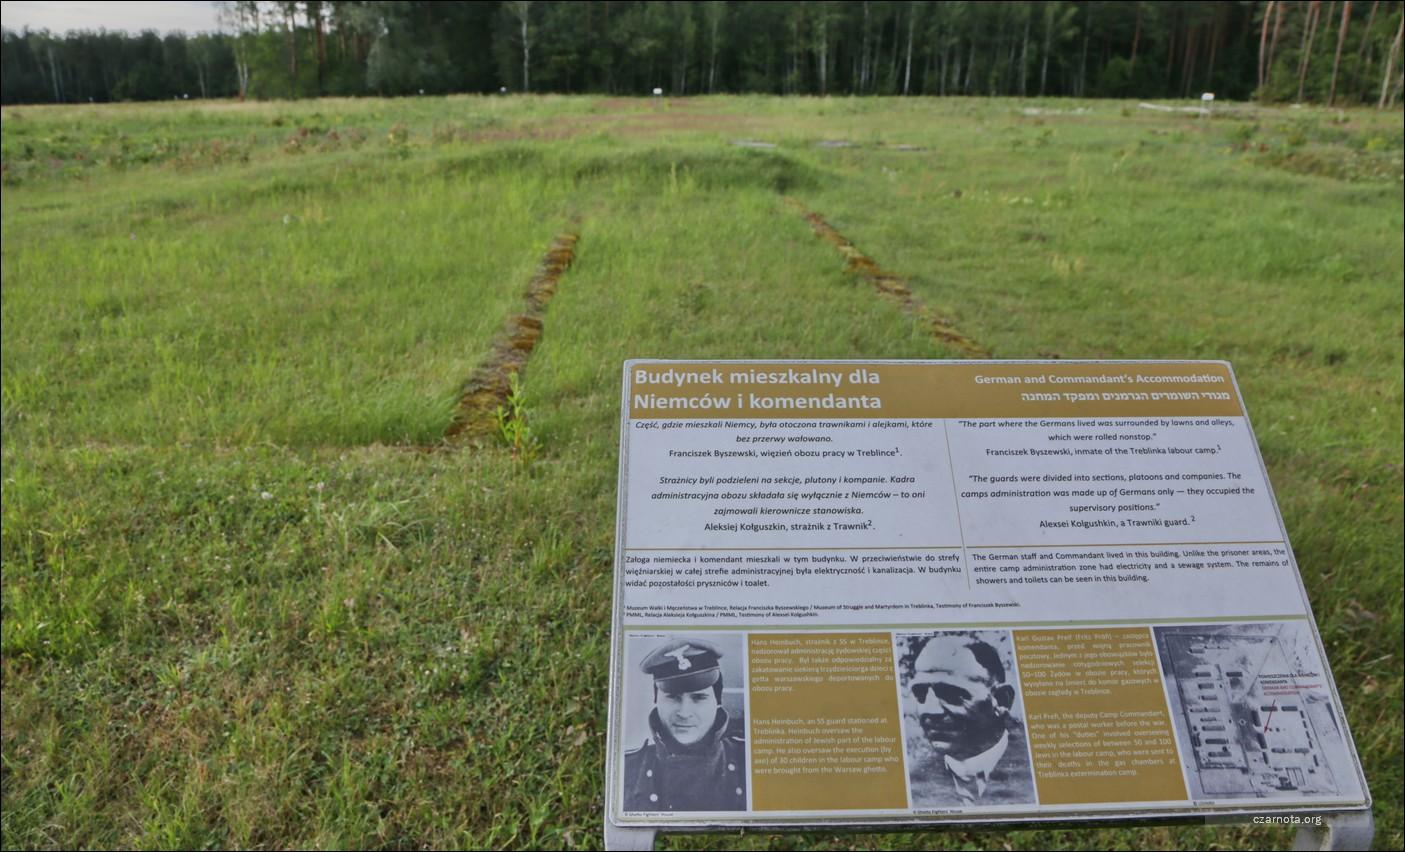 Polska, Karny Obóz Pracy Treblinka I, Poland, Penal Labour Camp Treblinka I (cz. 2)